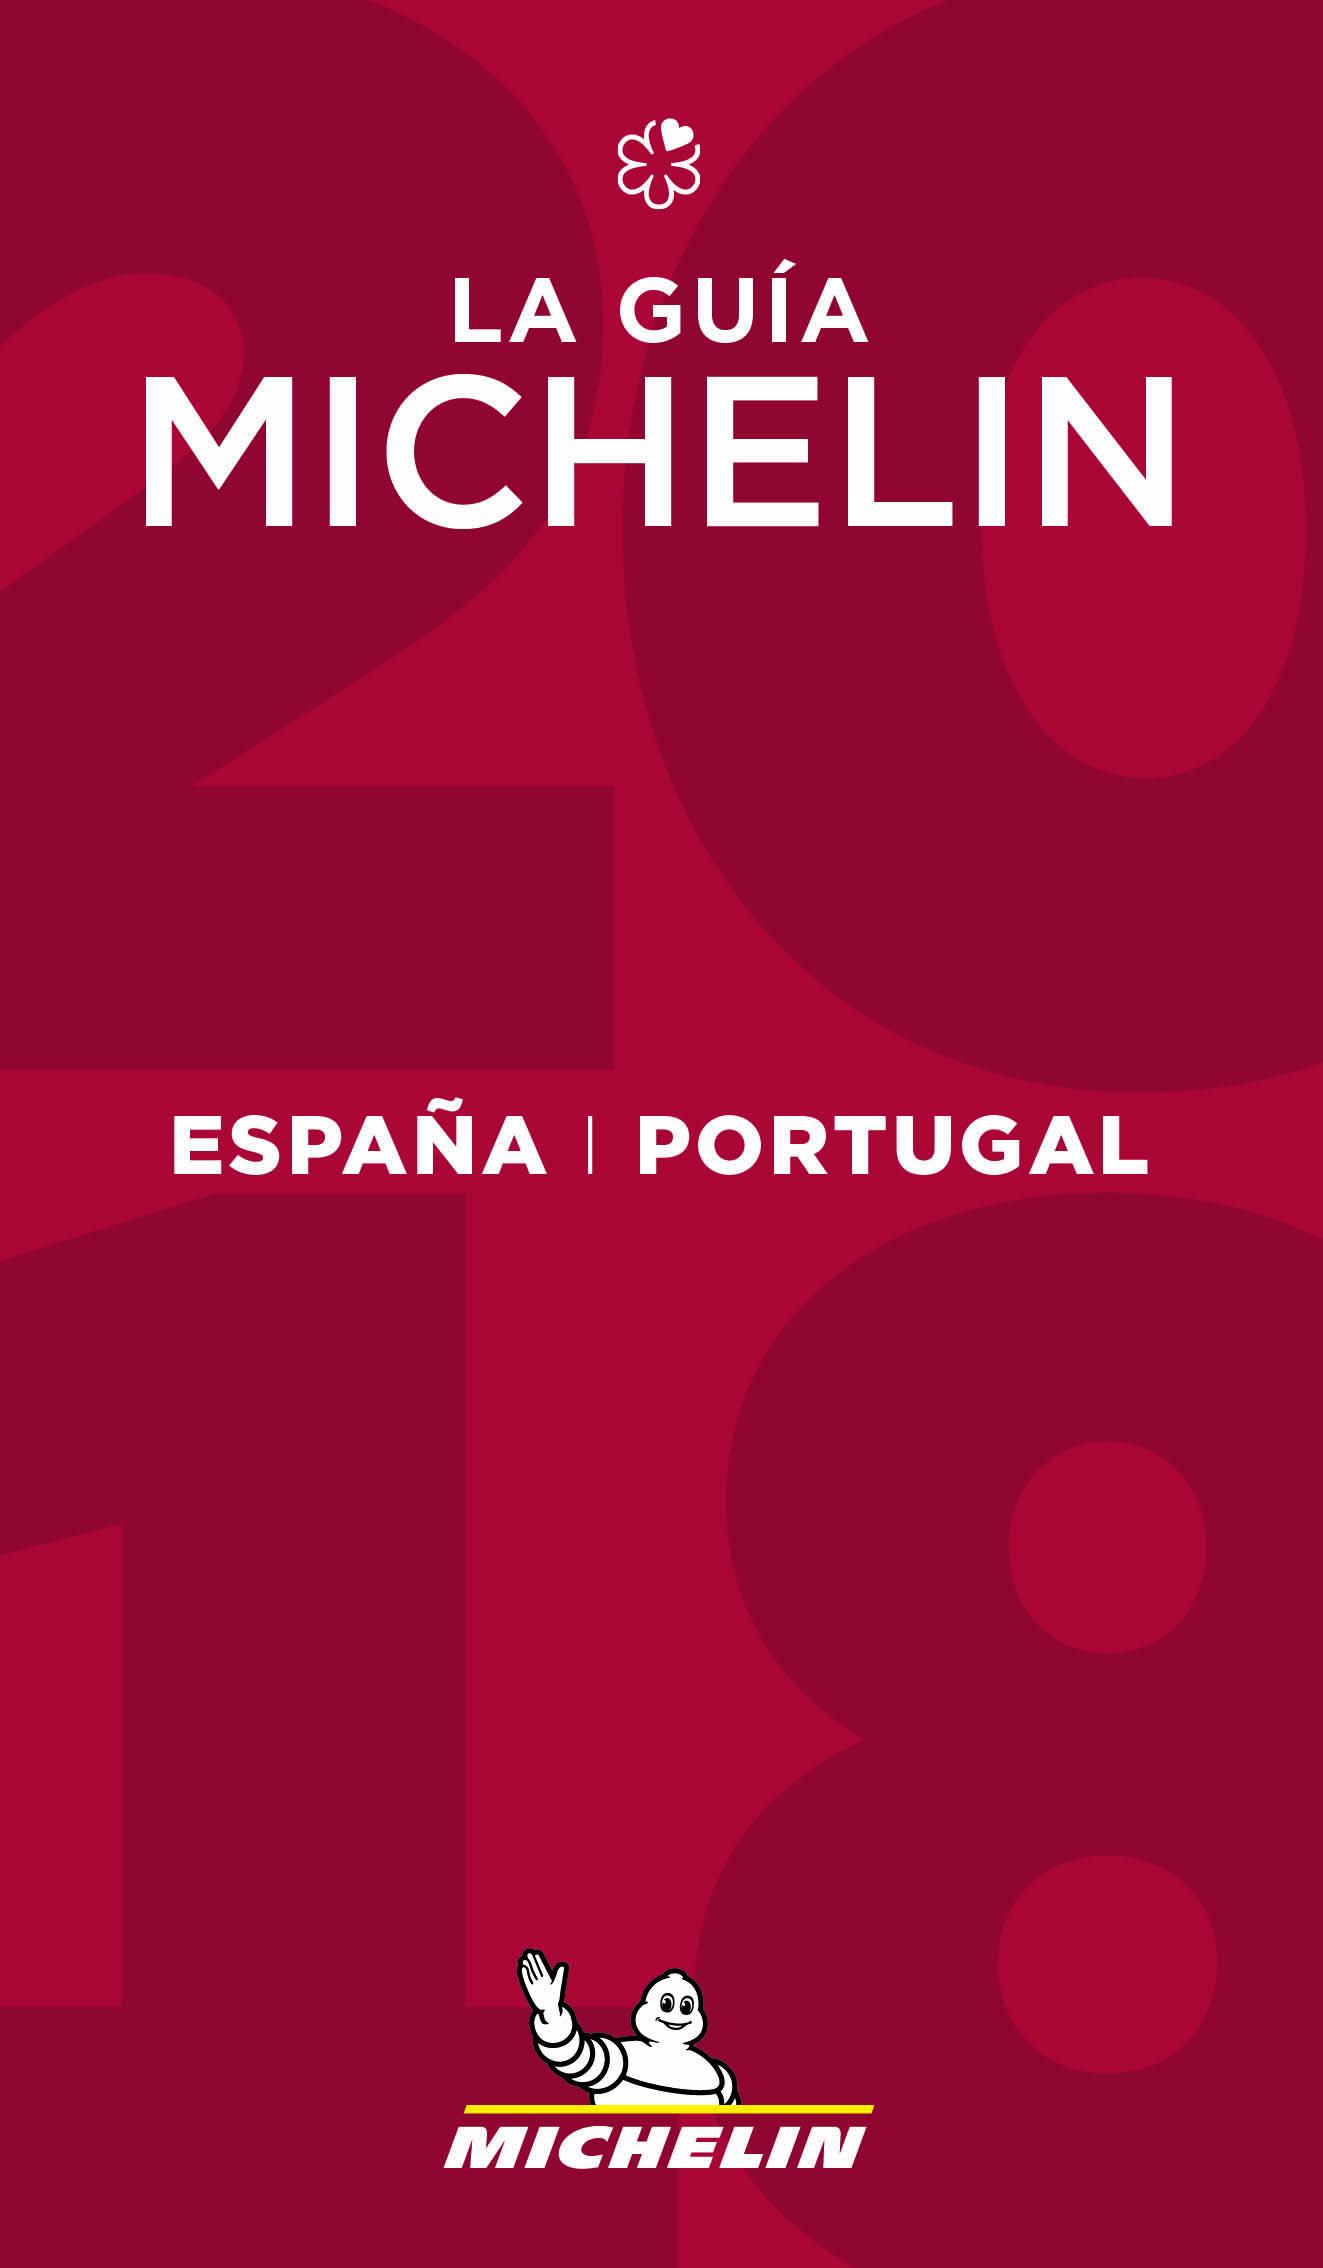 Estrellas de la Guía Michelin